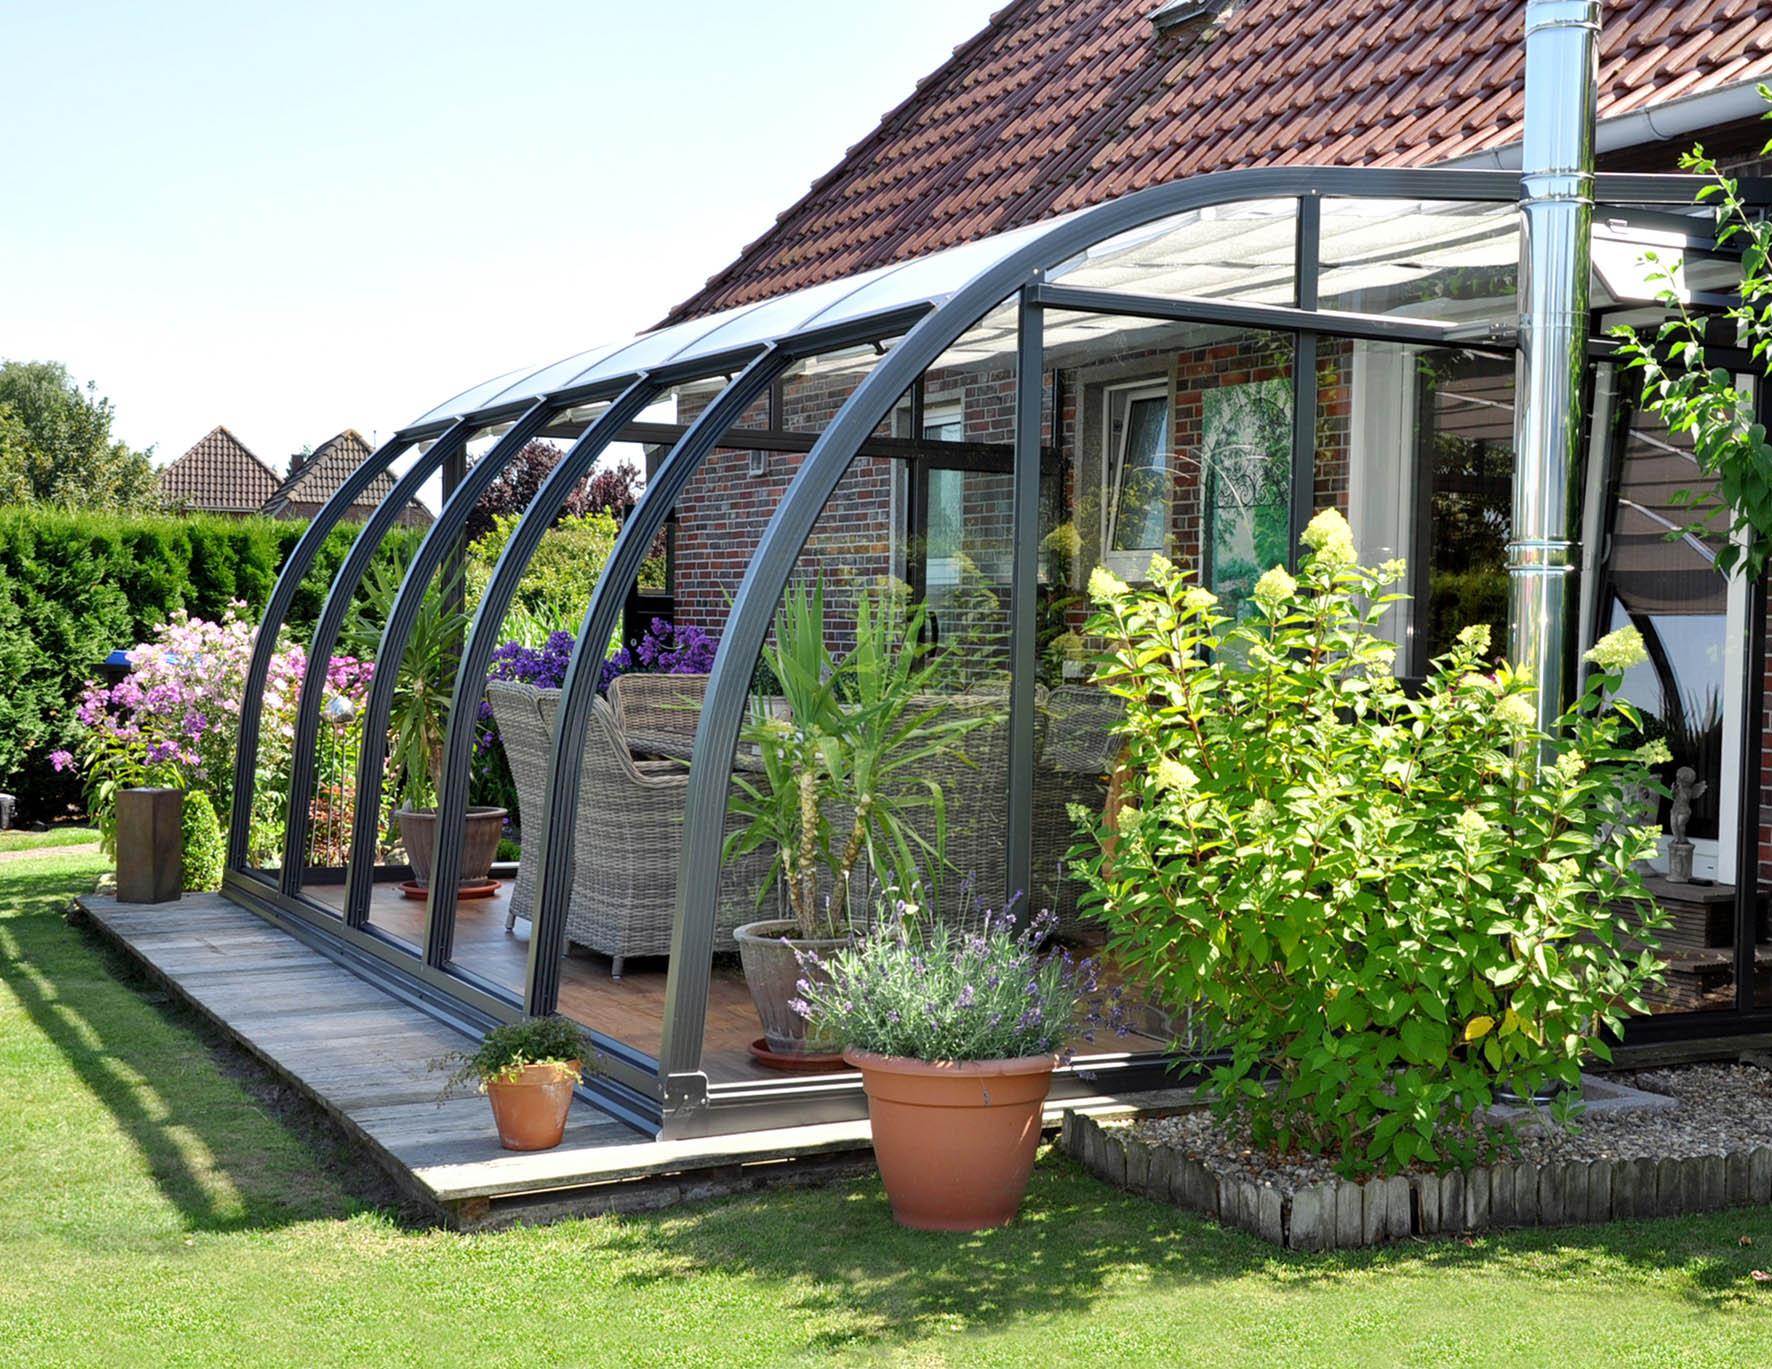 Full Size of Ideen Fr Wintergarten Gestaltung Paravent Garten Bauhaus Fenster Wohnzimmer Paravent Balkon Bauhaus